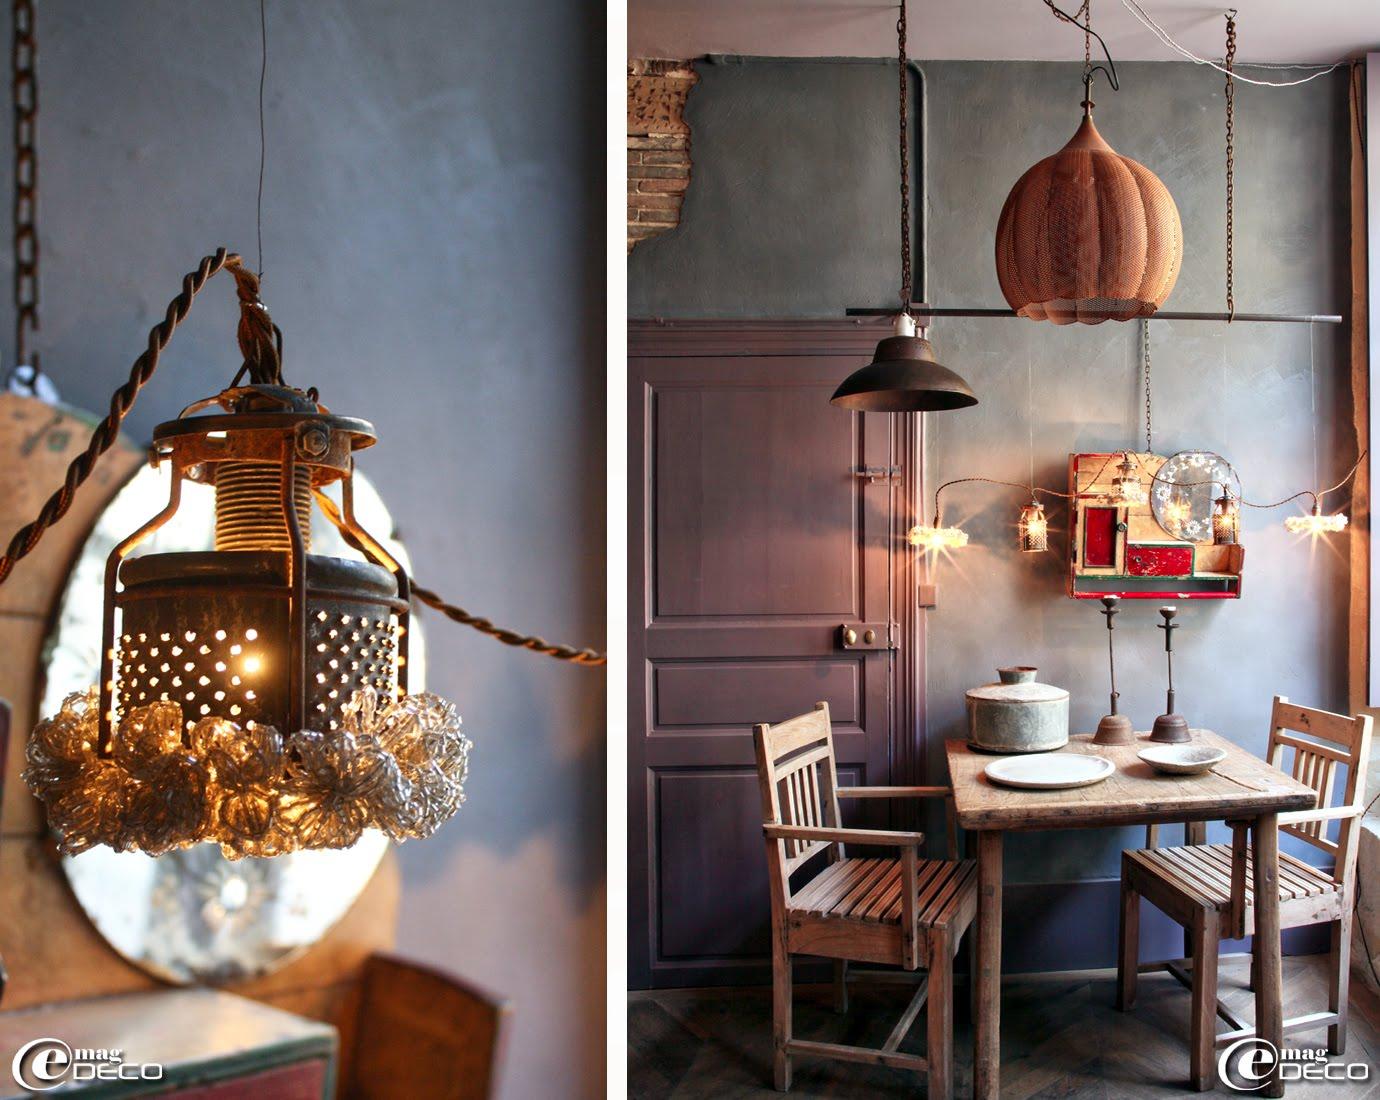 Luminaires réalisés avec des objets détournés, 'Métamorphoses' à Bellême